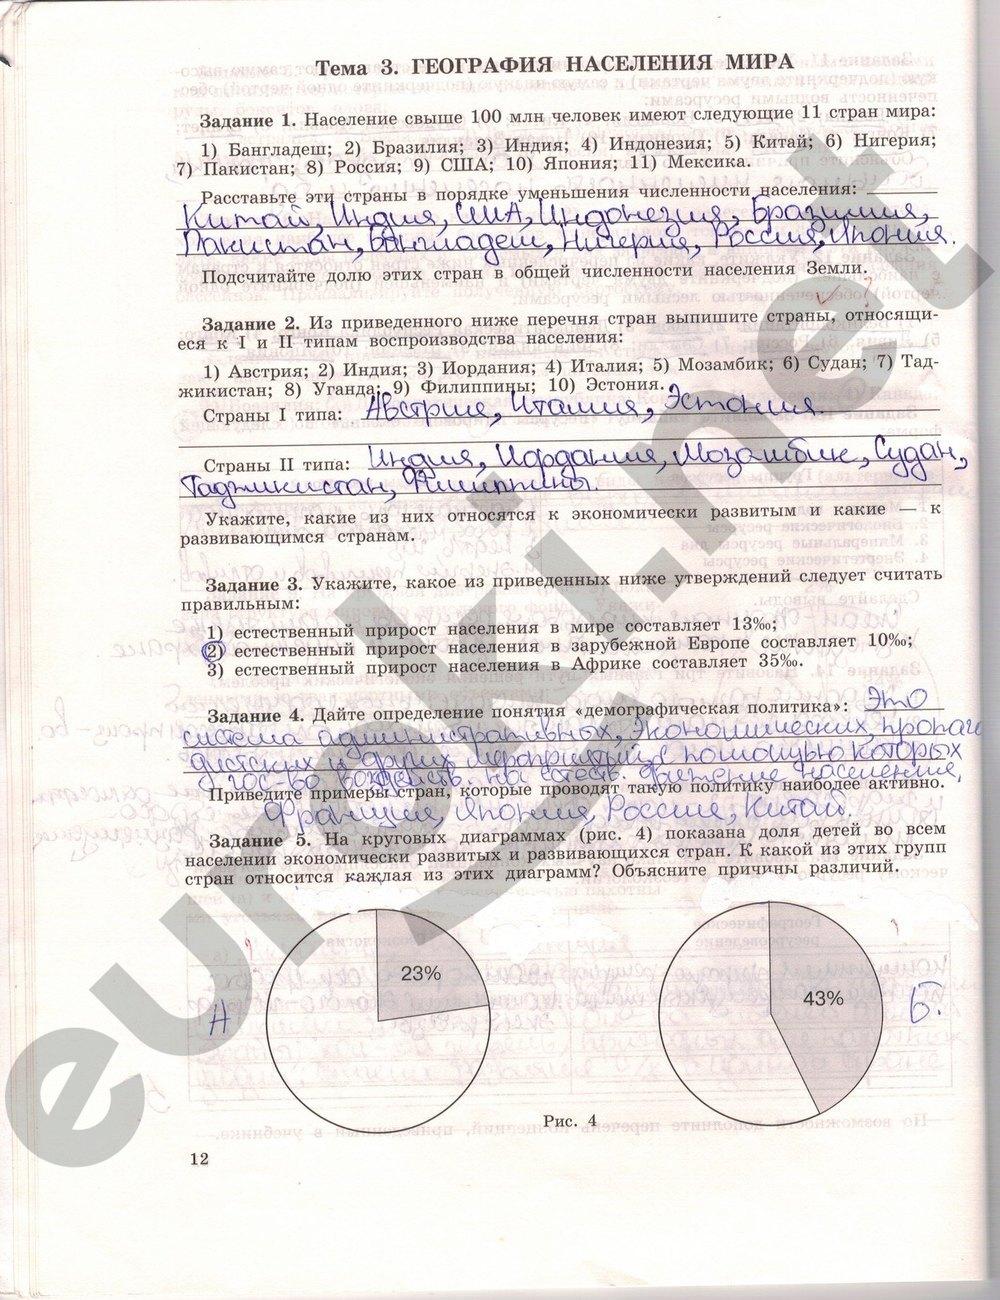 Решебник по географии 10 класс рабочая тетрадь максаковский.rar